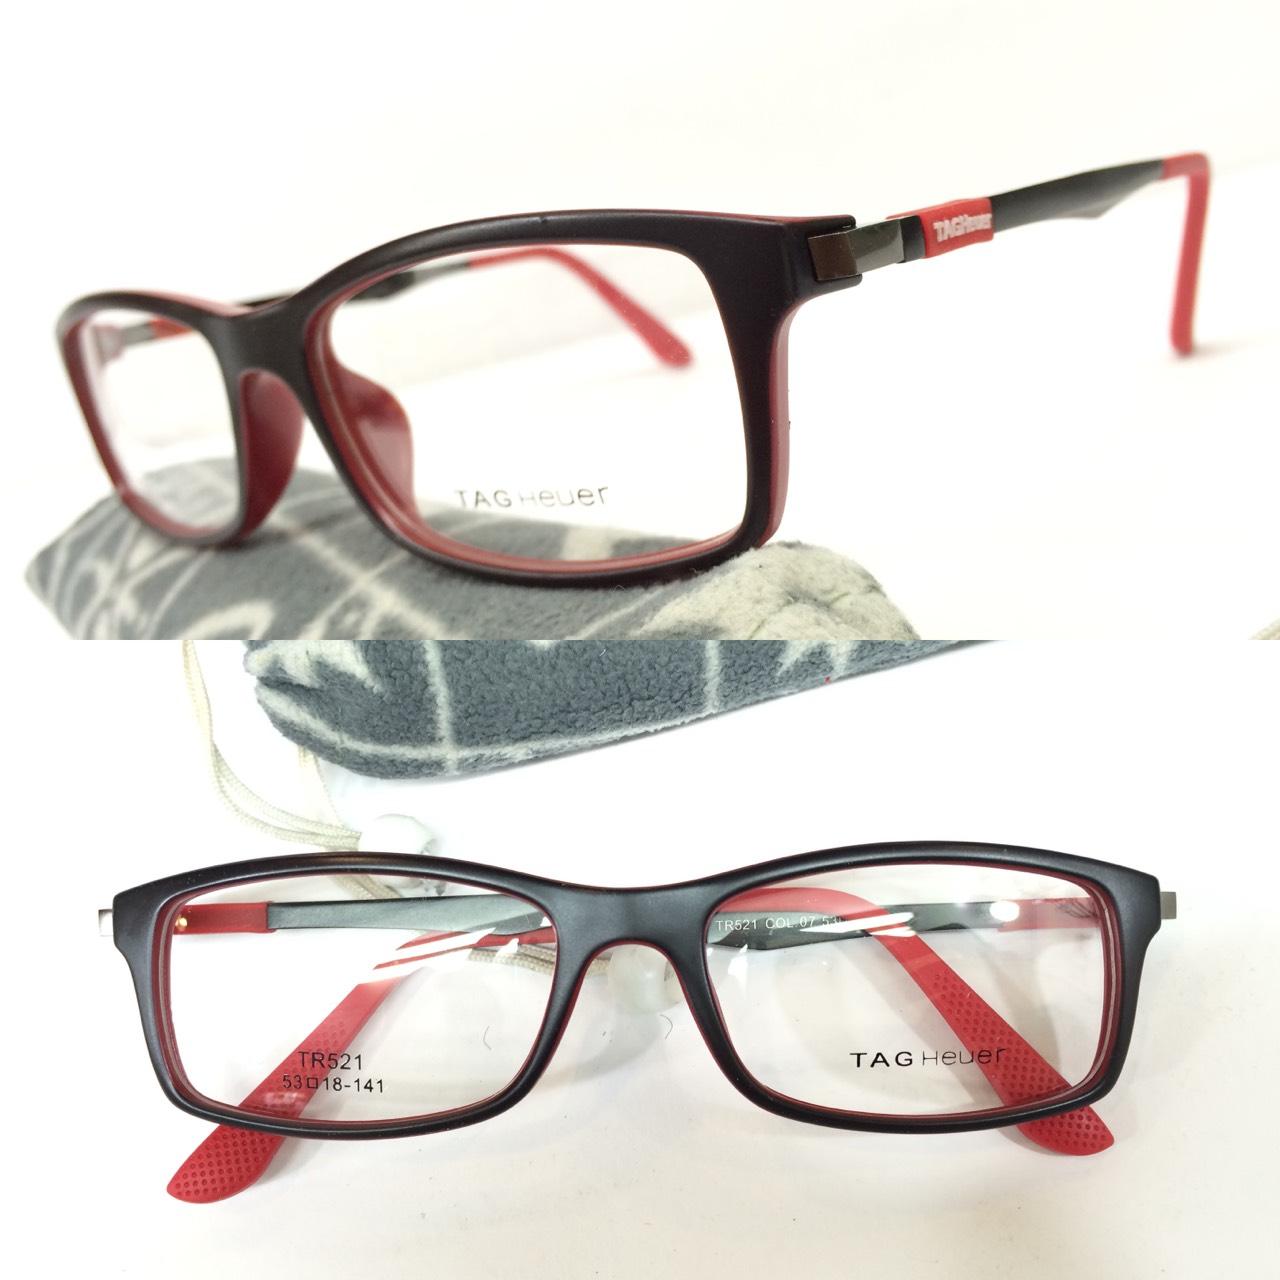 Jual kacamata frame tag heuer TR521 pria / wanita kualitas super ...